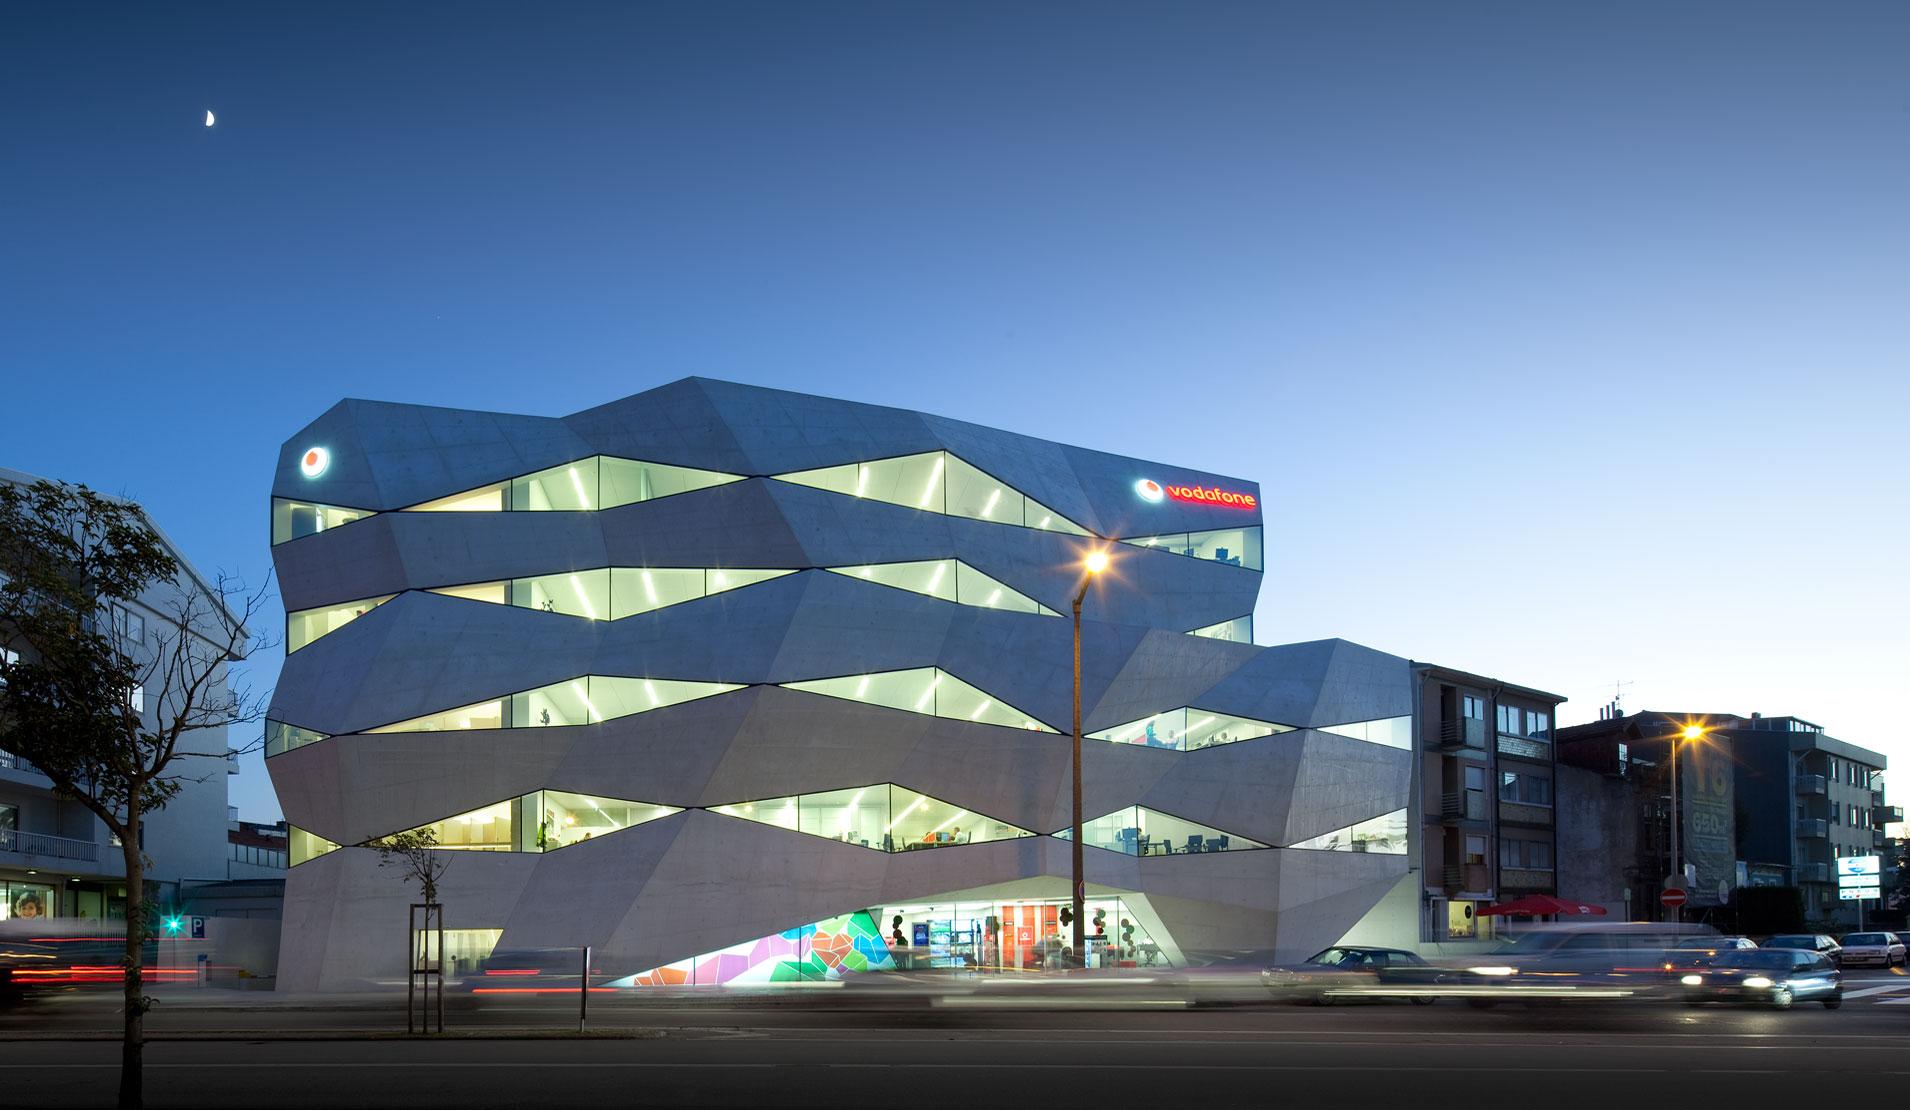 Uffici famosi: Vodafone Headquarter, Porto